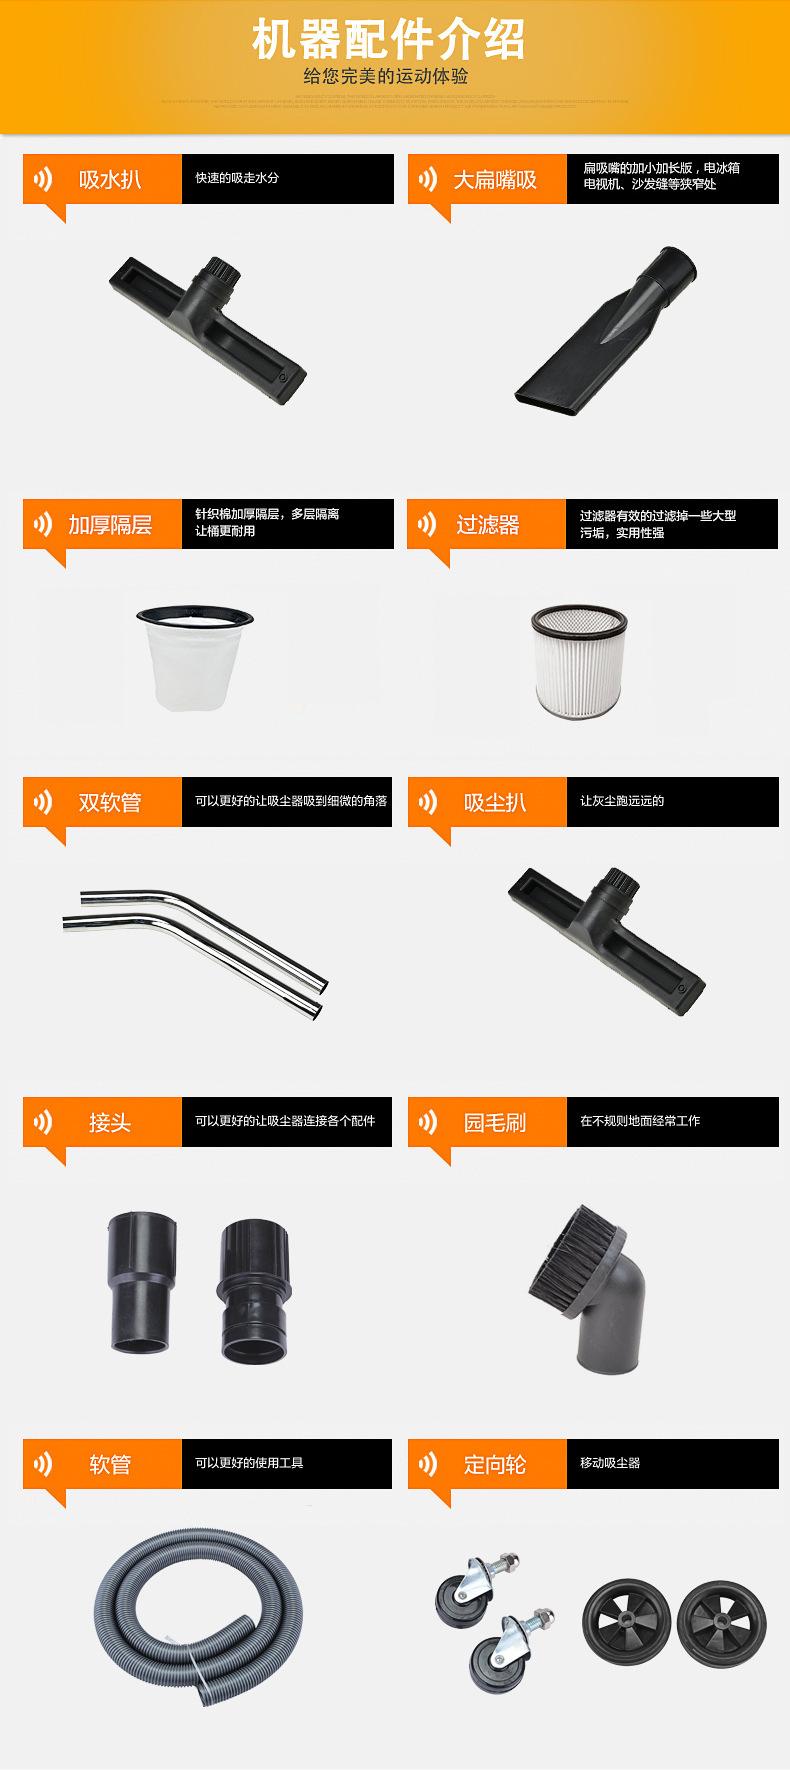 厂家吸石墨粉尘吸尘器 移动式脉冲反吹工业吸尘器 铝屑吸尘器示例图12